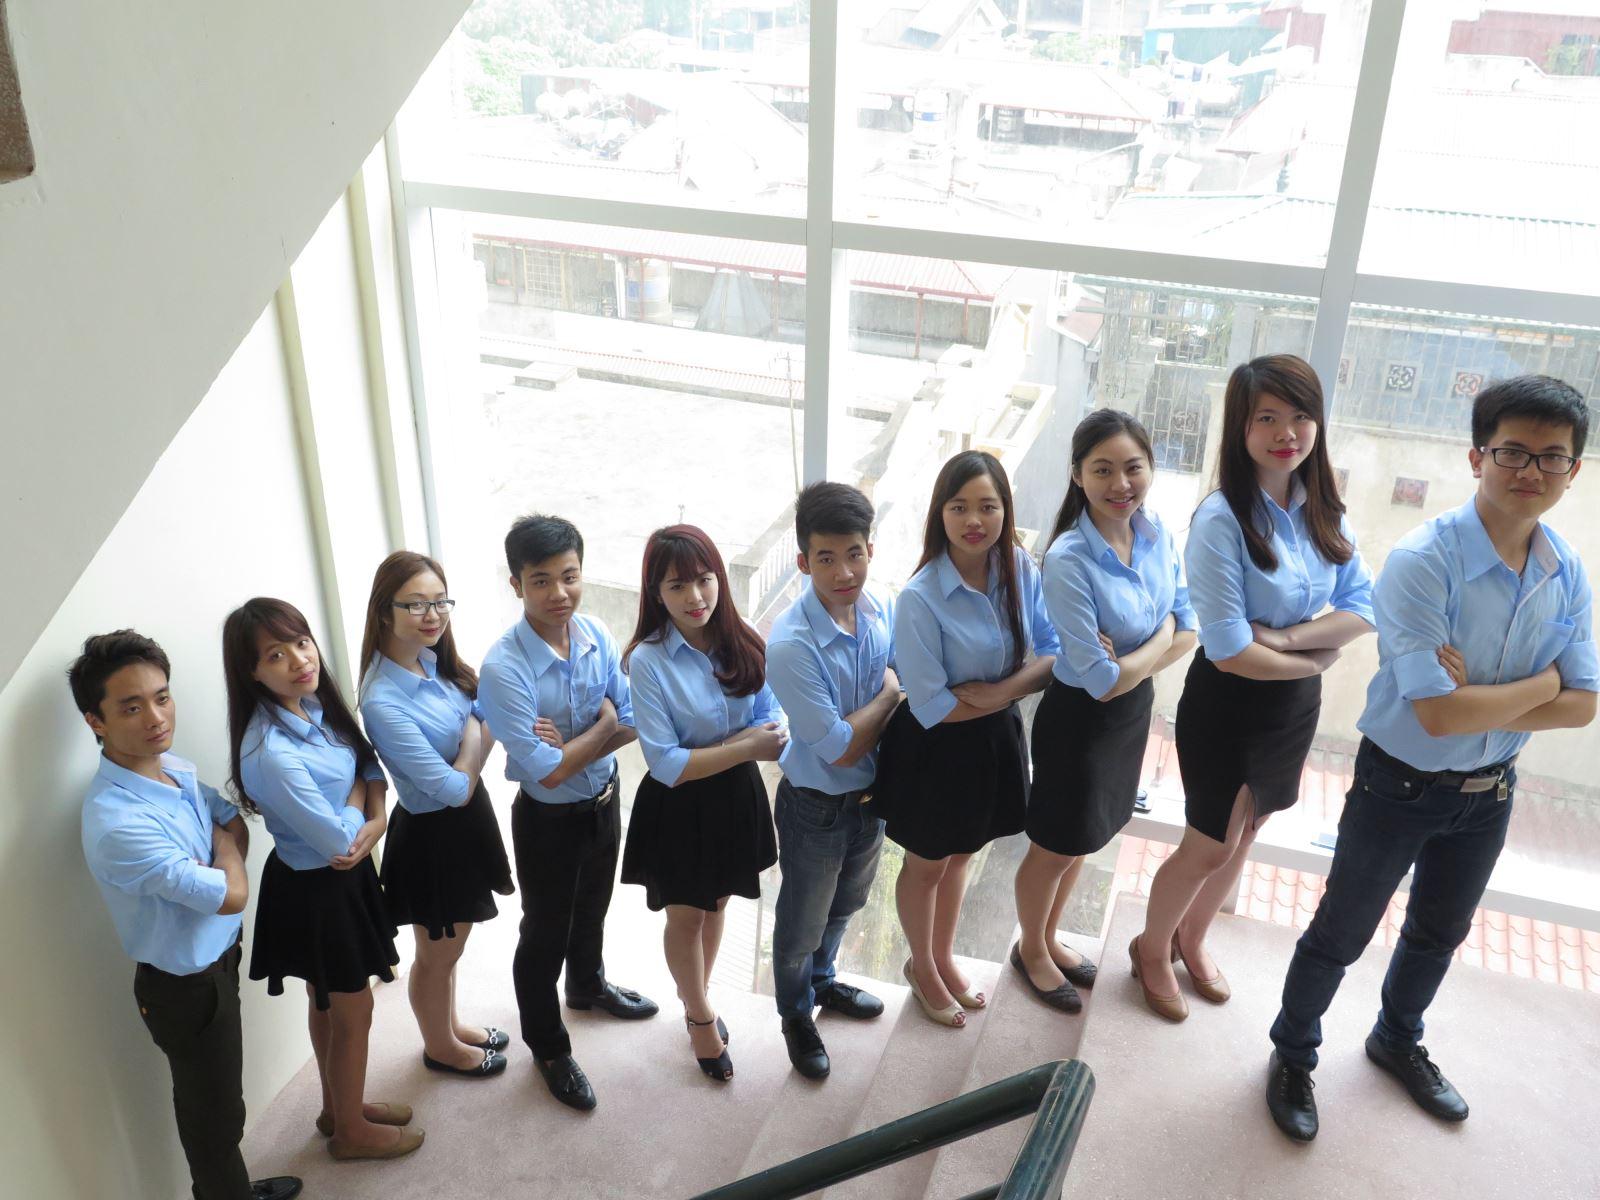 Chương trình đào tạo cử nhân chính quy ngành quản trị kinh doanh tại Học viện Phụ nữ Việt Nam